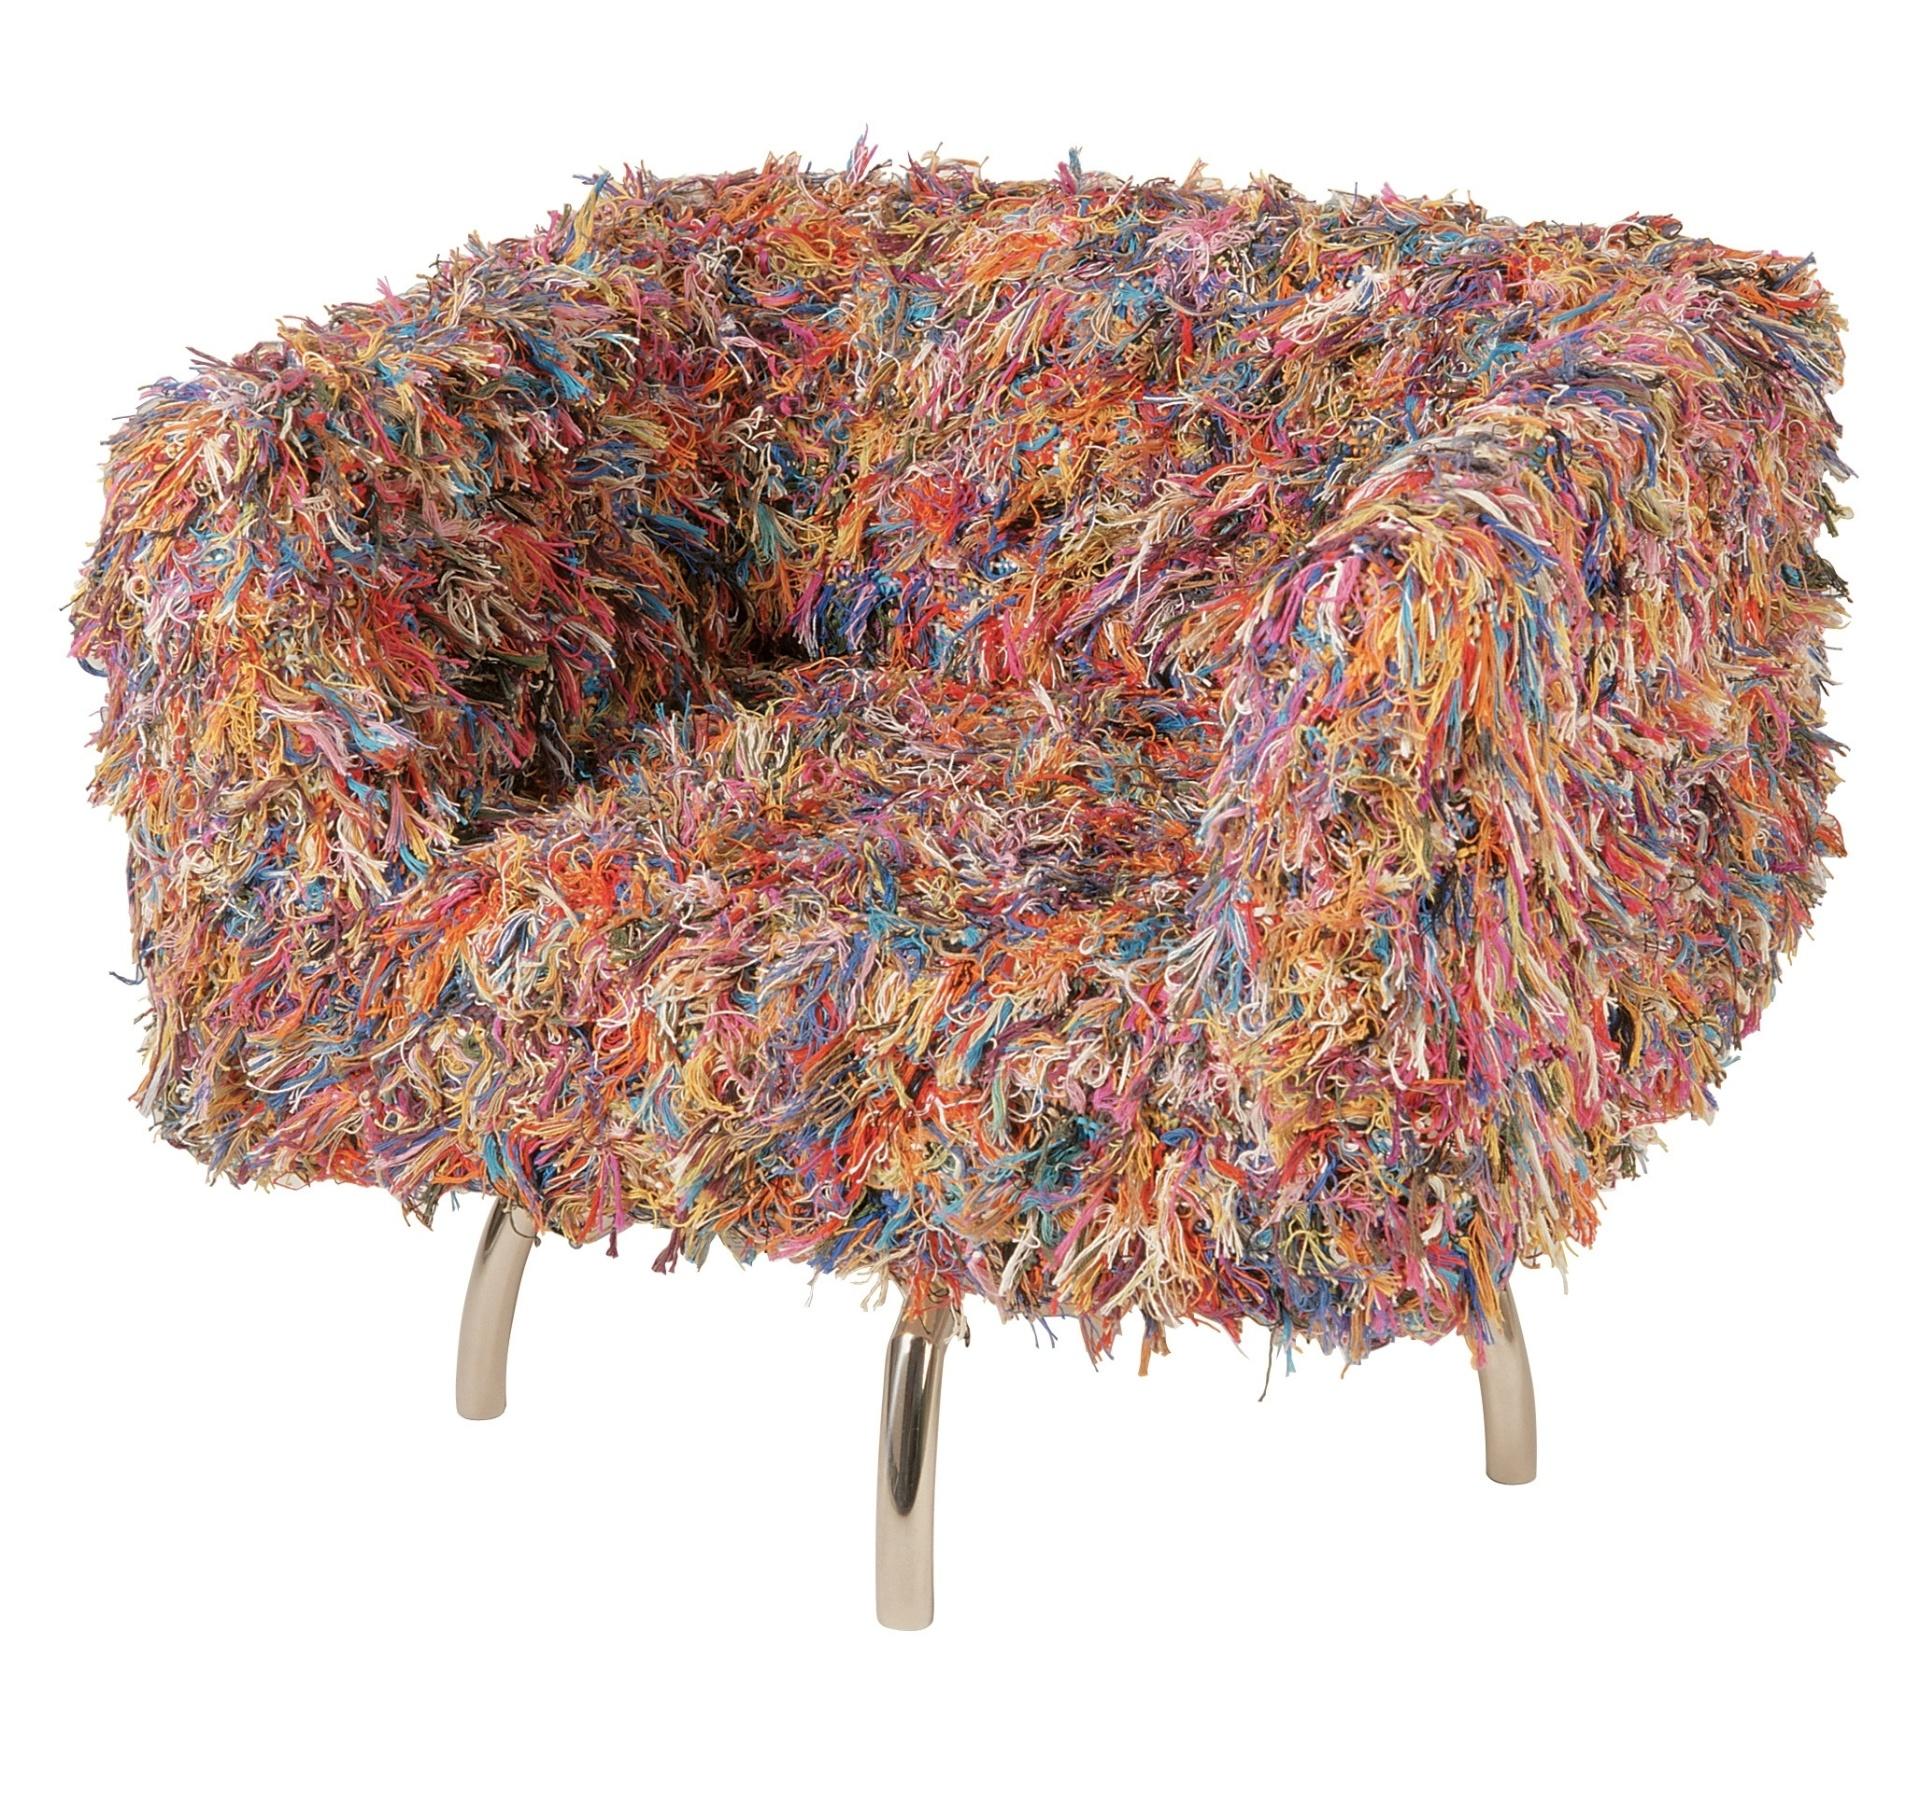 Assinada pelo designer Marcus Ferreira, a poltrona Giramundo é revestida por uma capa feita de fios de tricô. Com pés em aço inox e estrutura de cedro, a peça (78 cm por 68 cm por 80 cm) pode ser comprada na Decameron (www.decamerondesign.com.br)